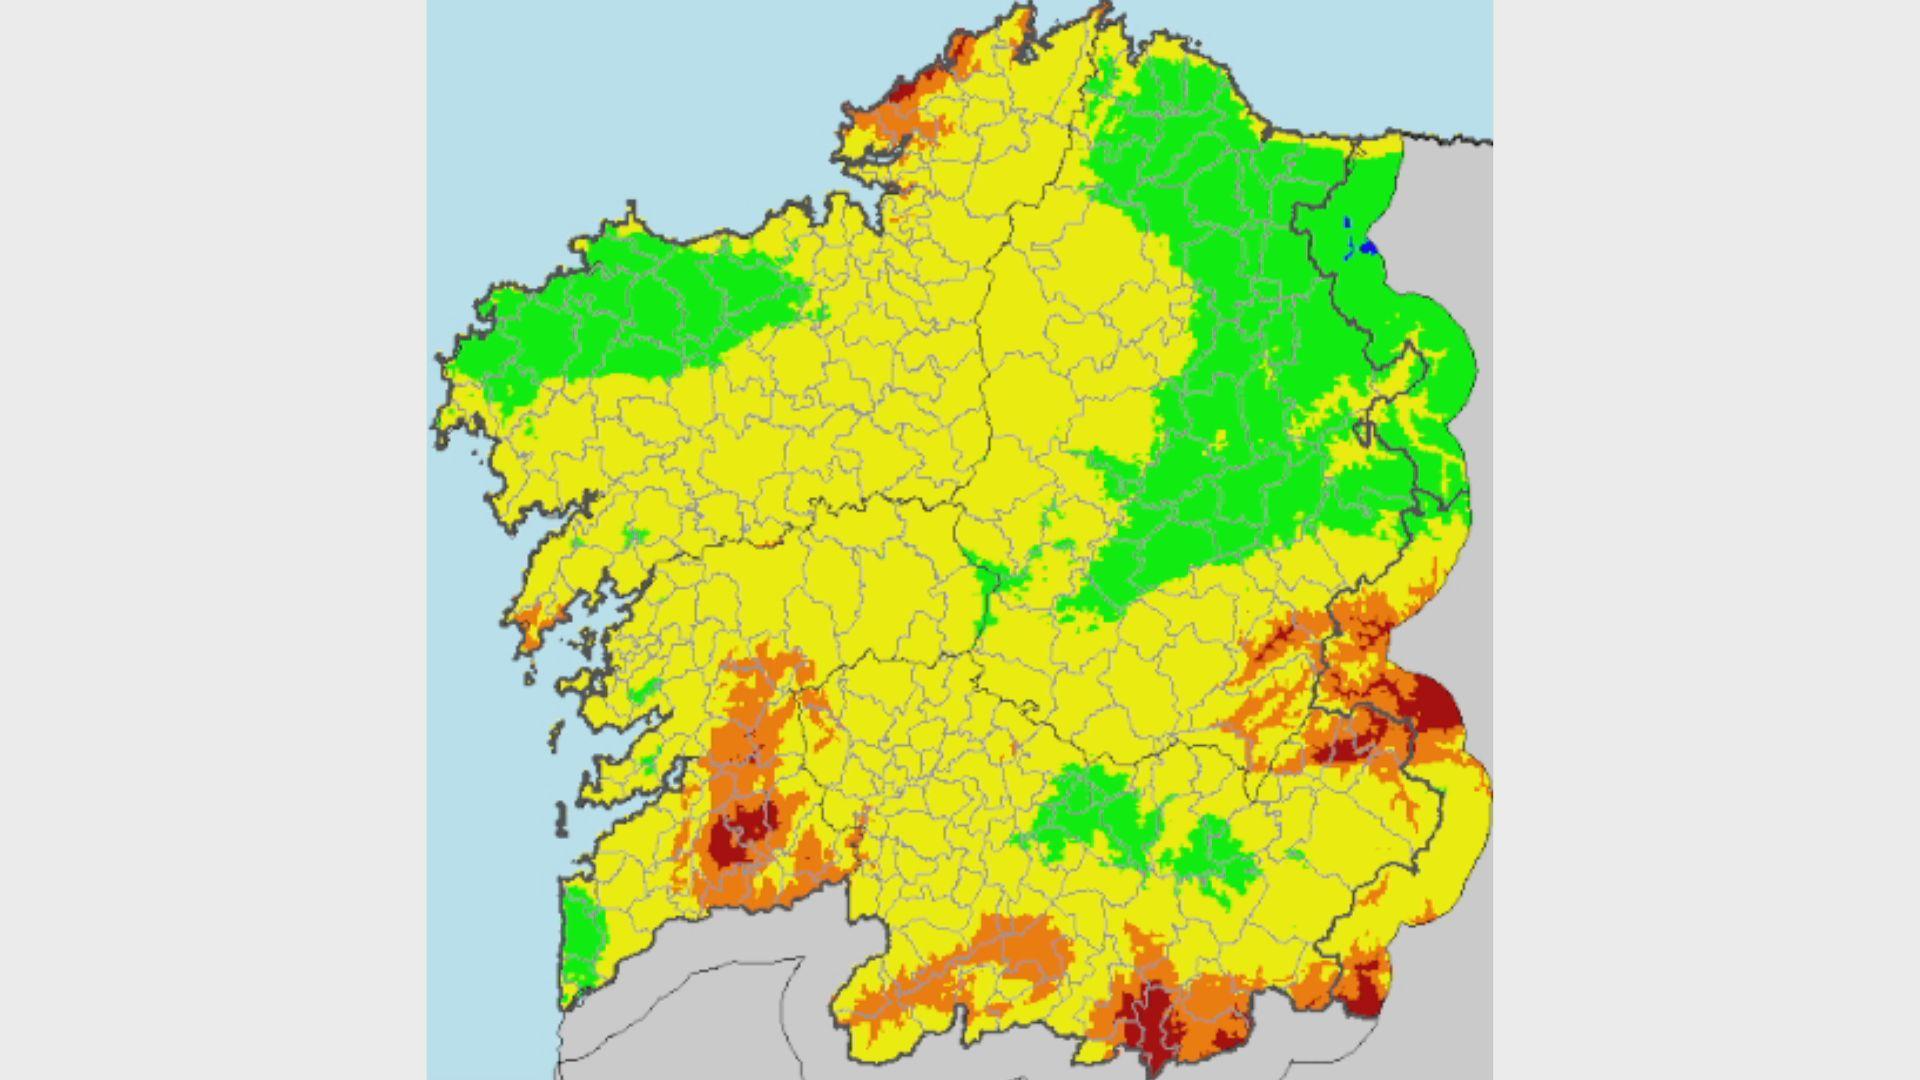 Mapa con el índice de riesgo diario de incendio forestal para el miércoles 27 de marzo